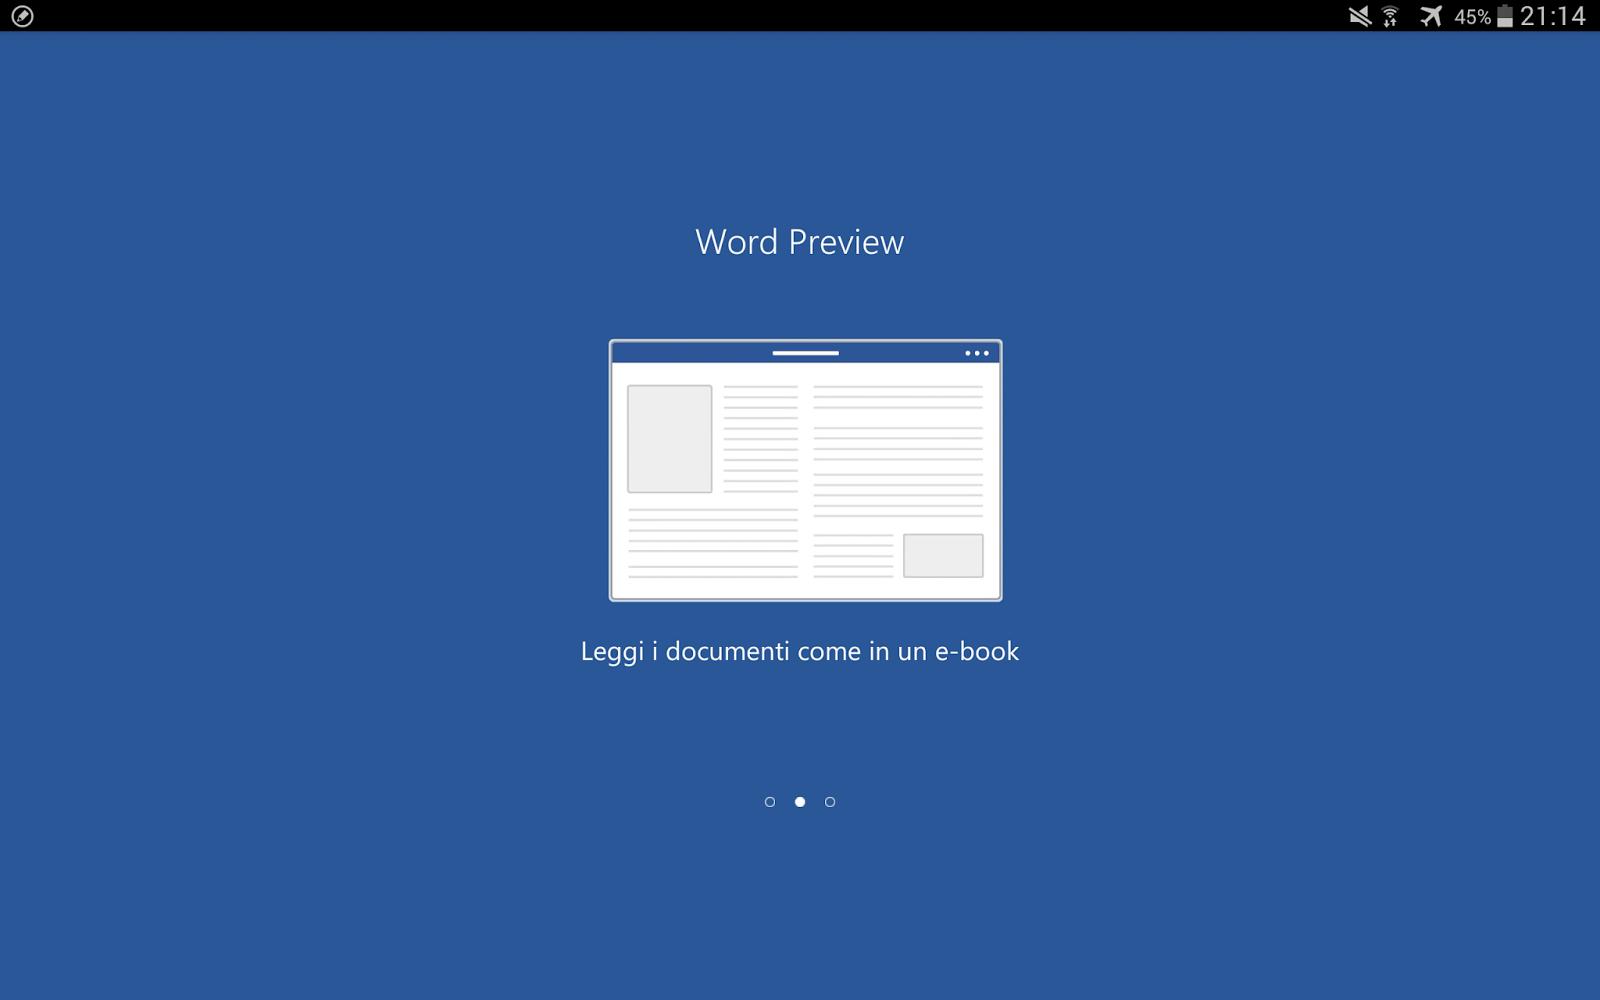 seconda schermata del tutorial iniziale di word per tablet